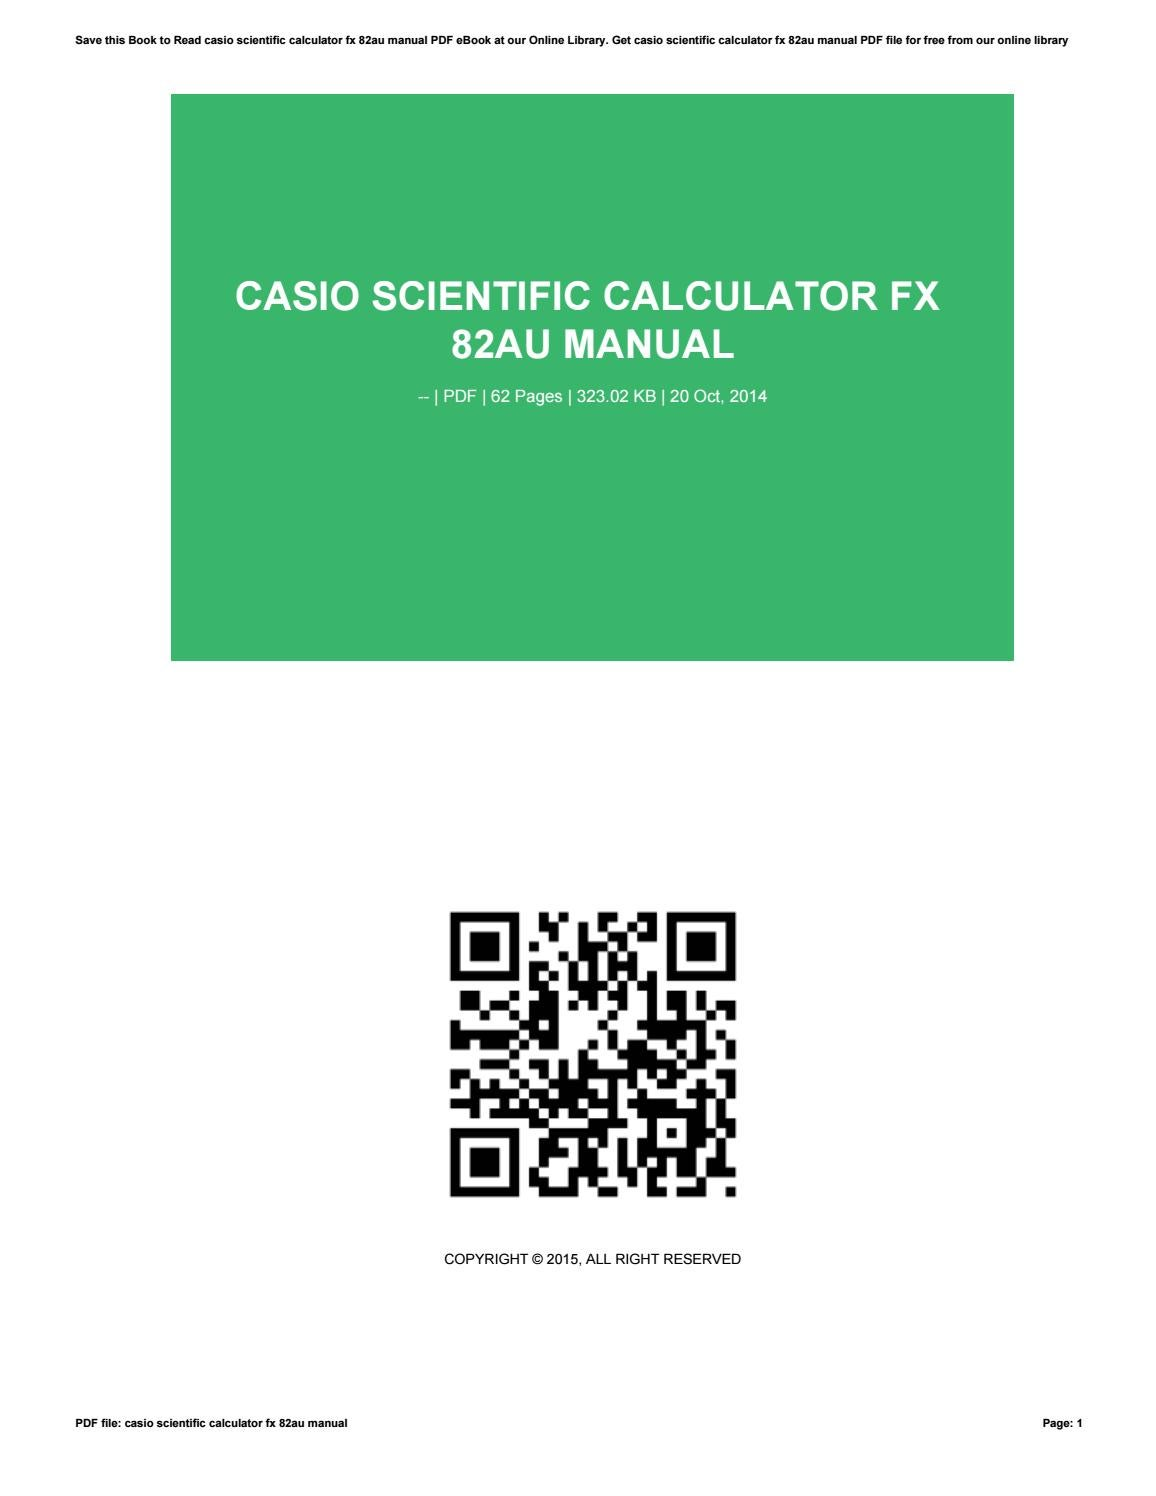 casio scientific calculator fx-82au user manual